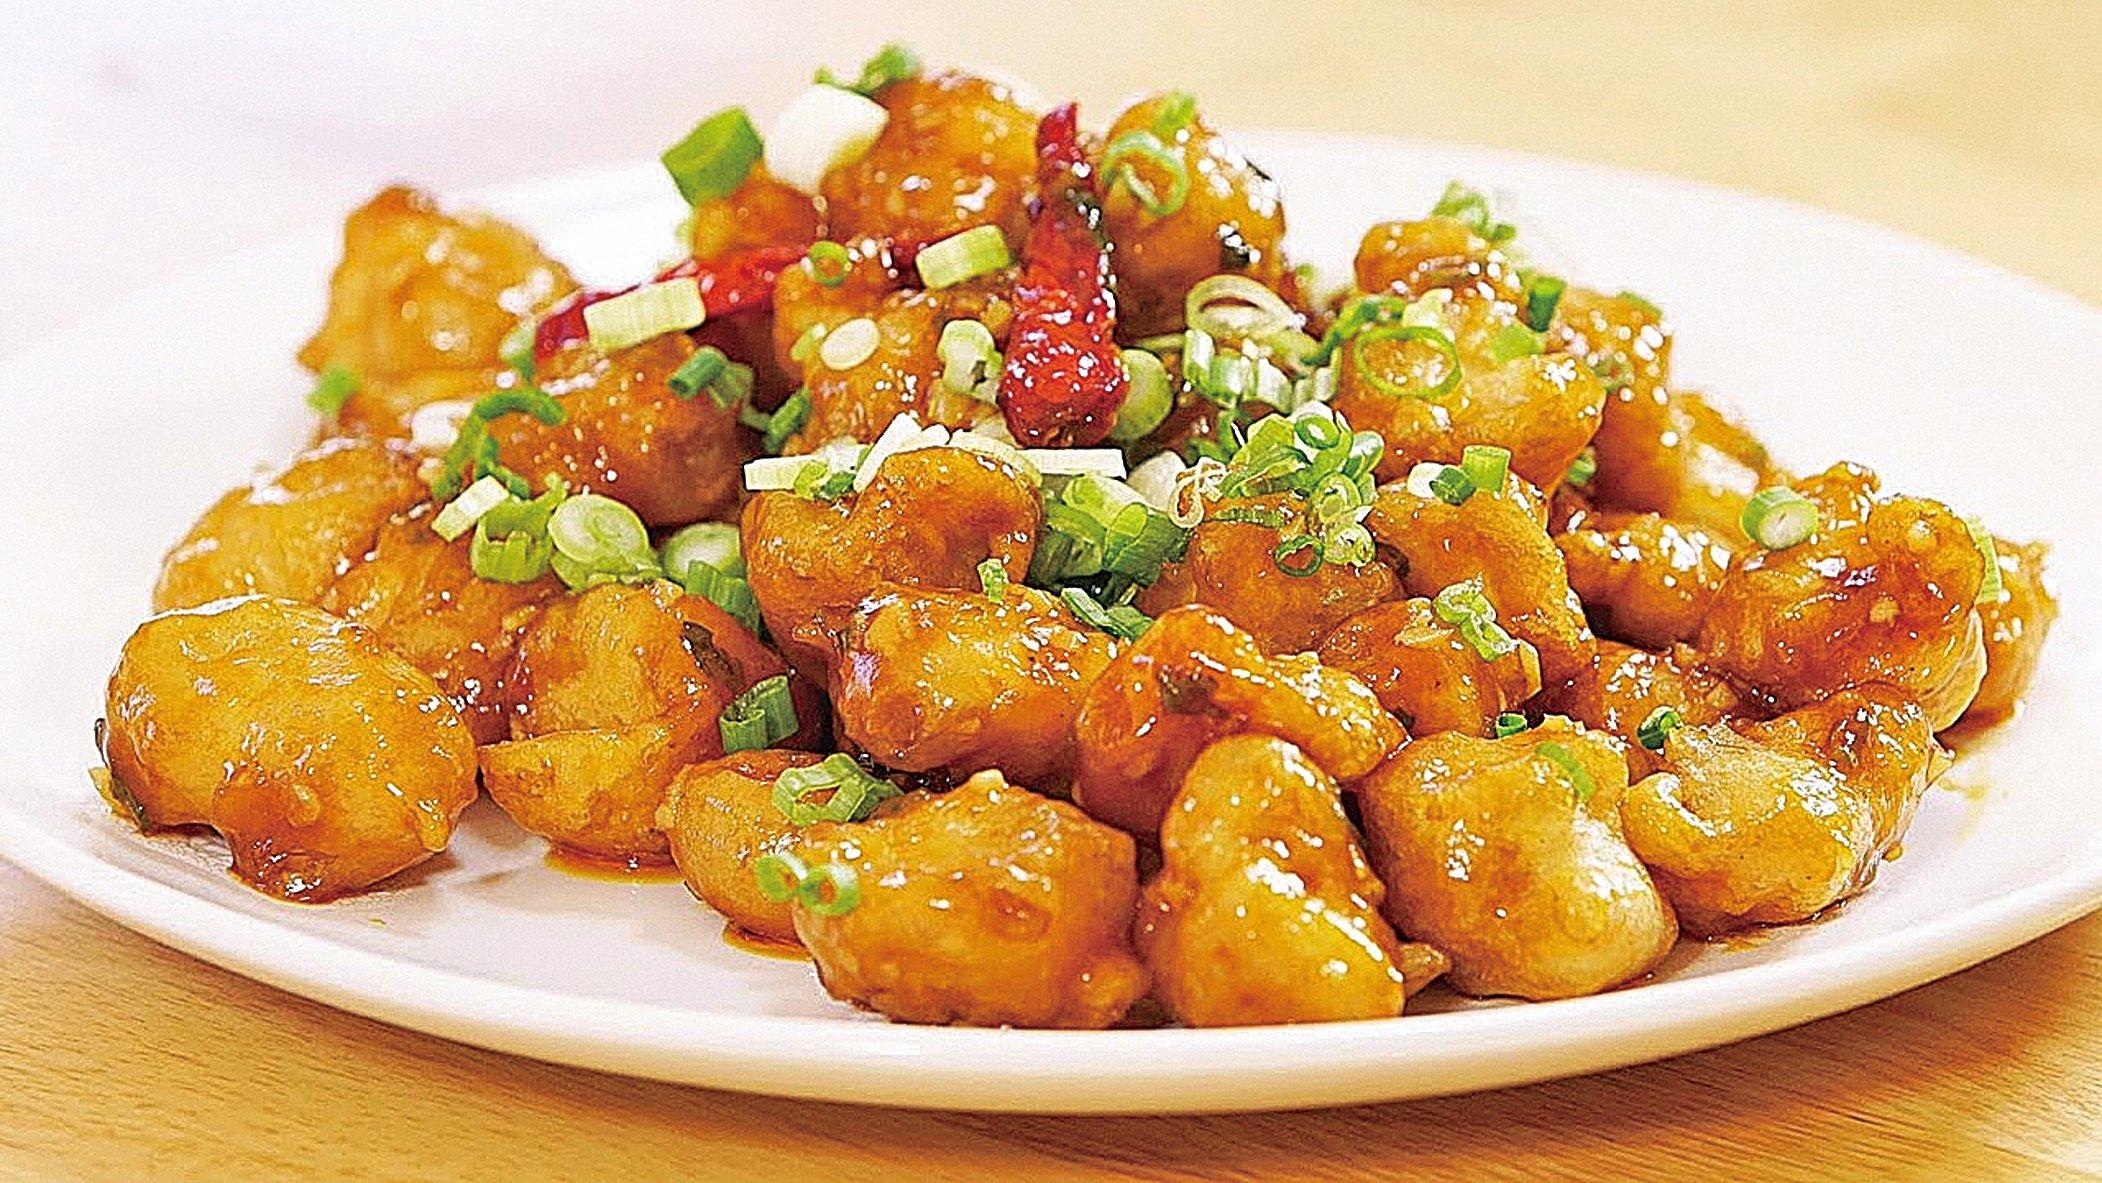 在美國風行的「左宗棠雞」,在中國根本沒有這道菜。